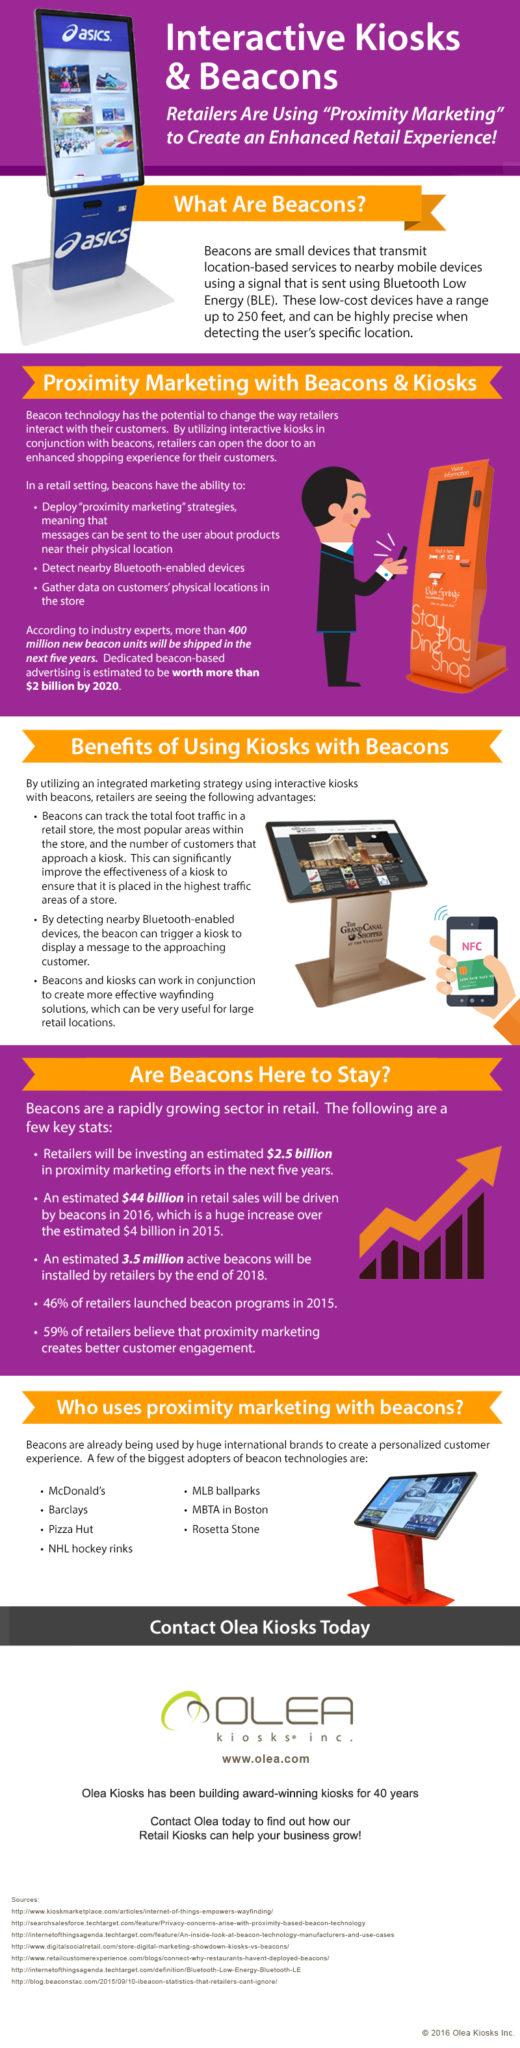 Interactive Kiosks & Beacons for Proximity Marketing